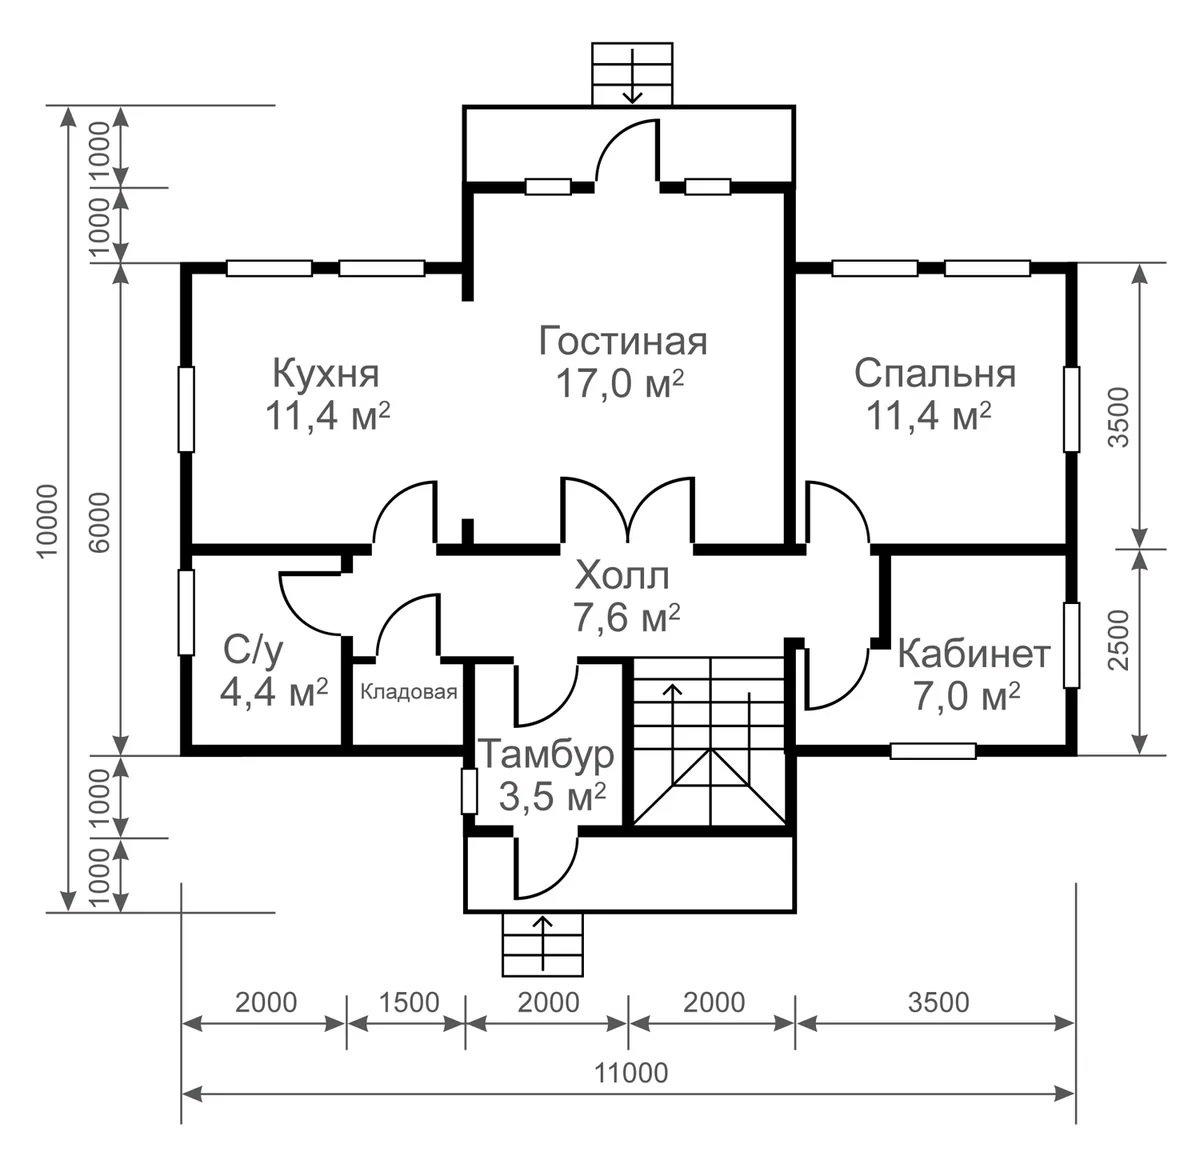 размеры домов на чертежах в картинках проверки